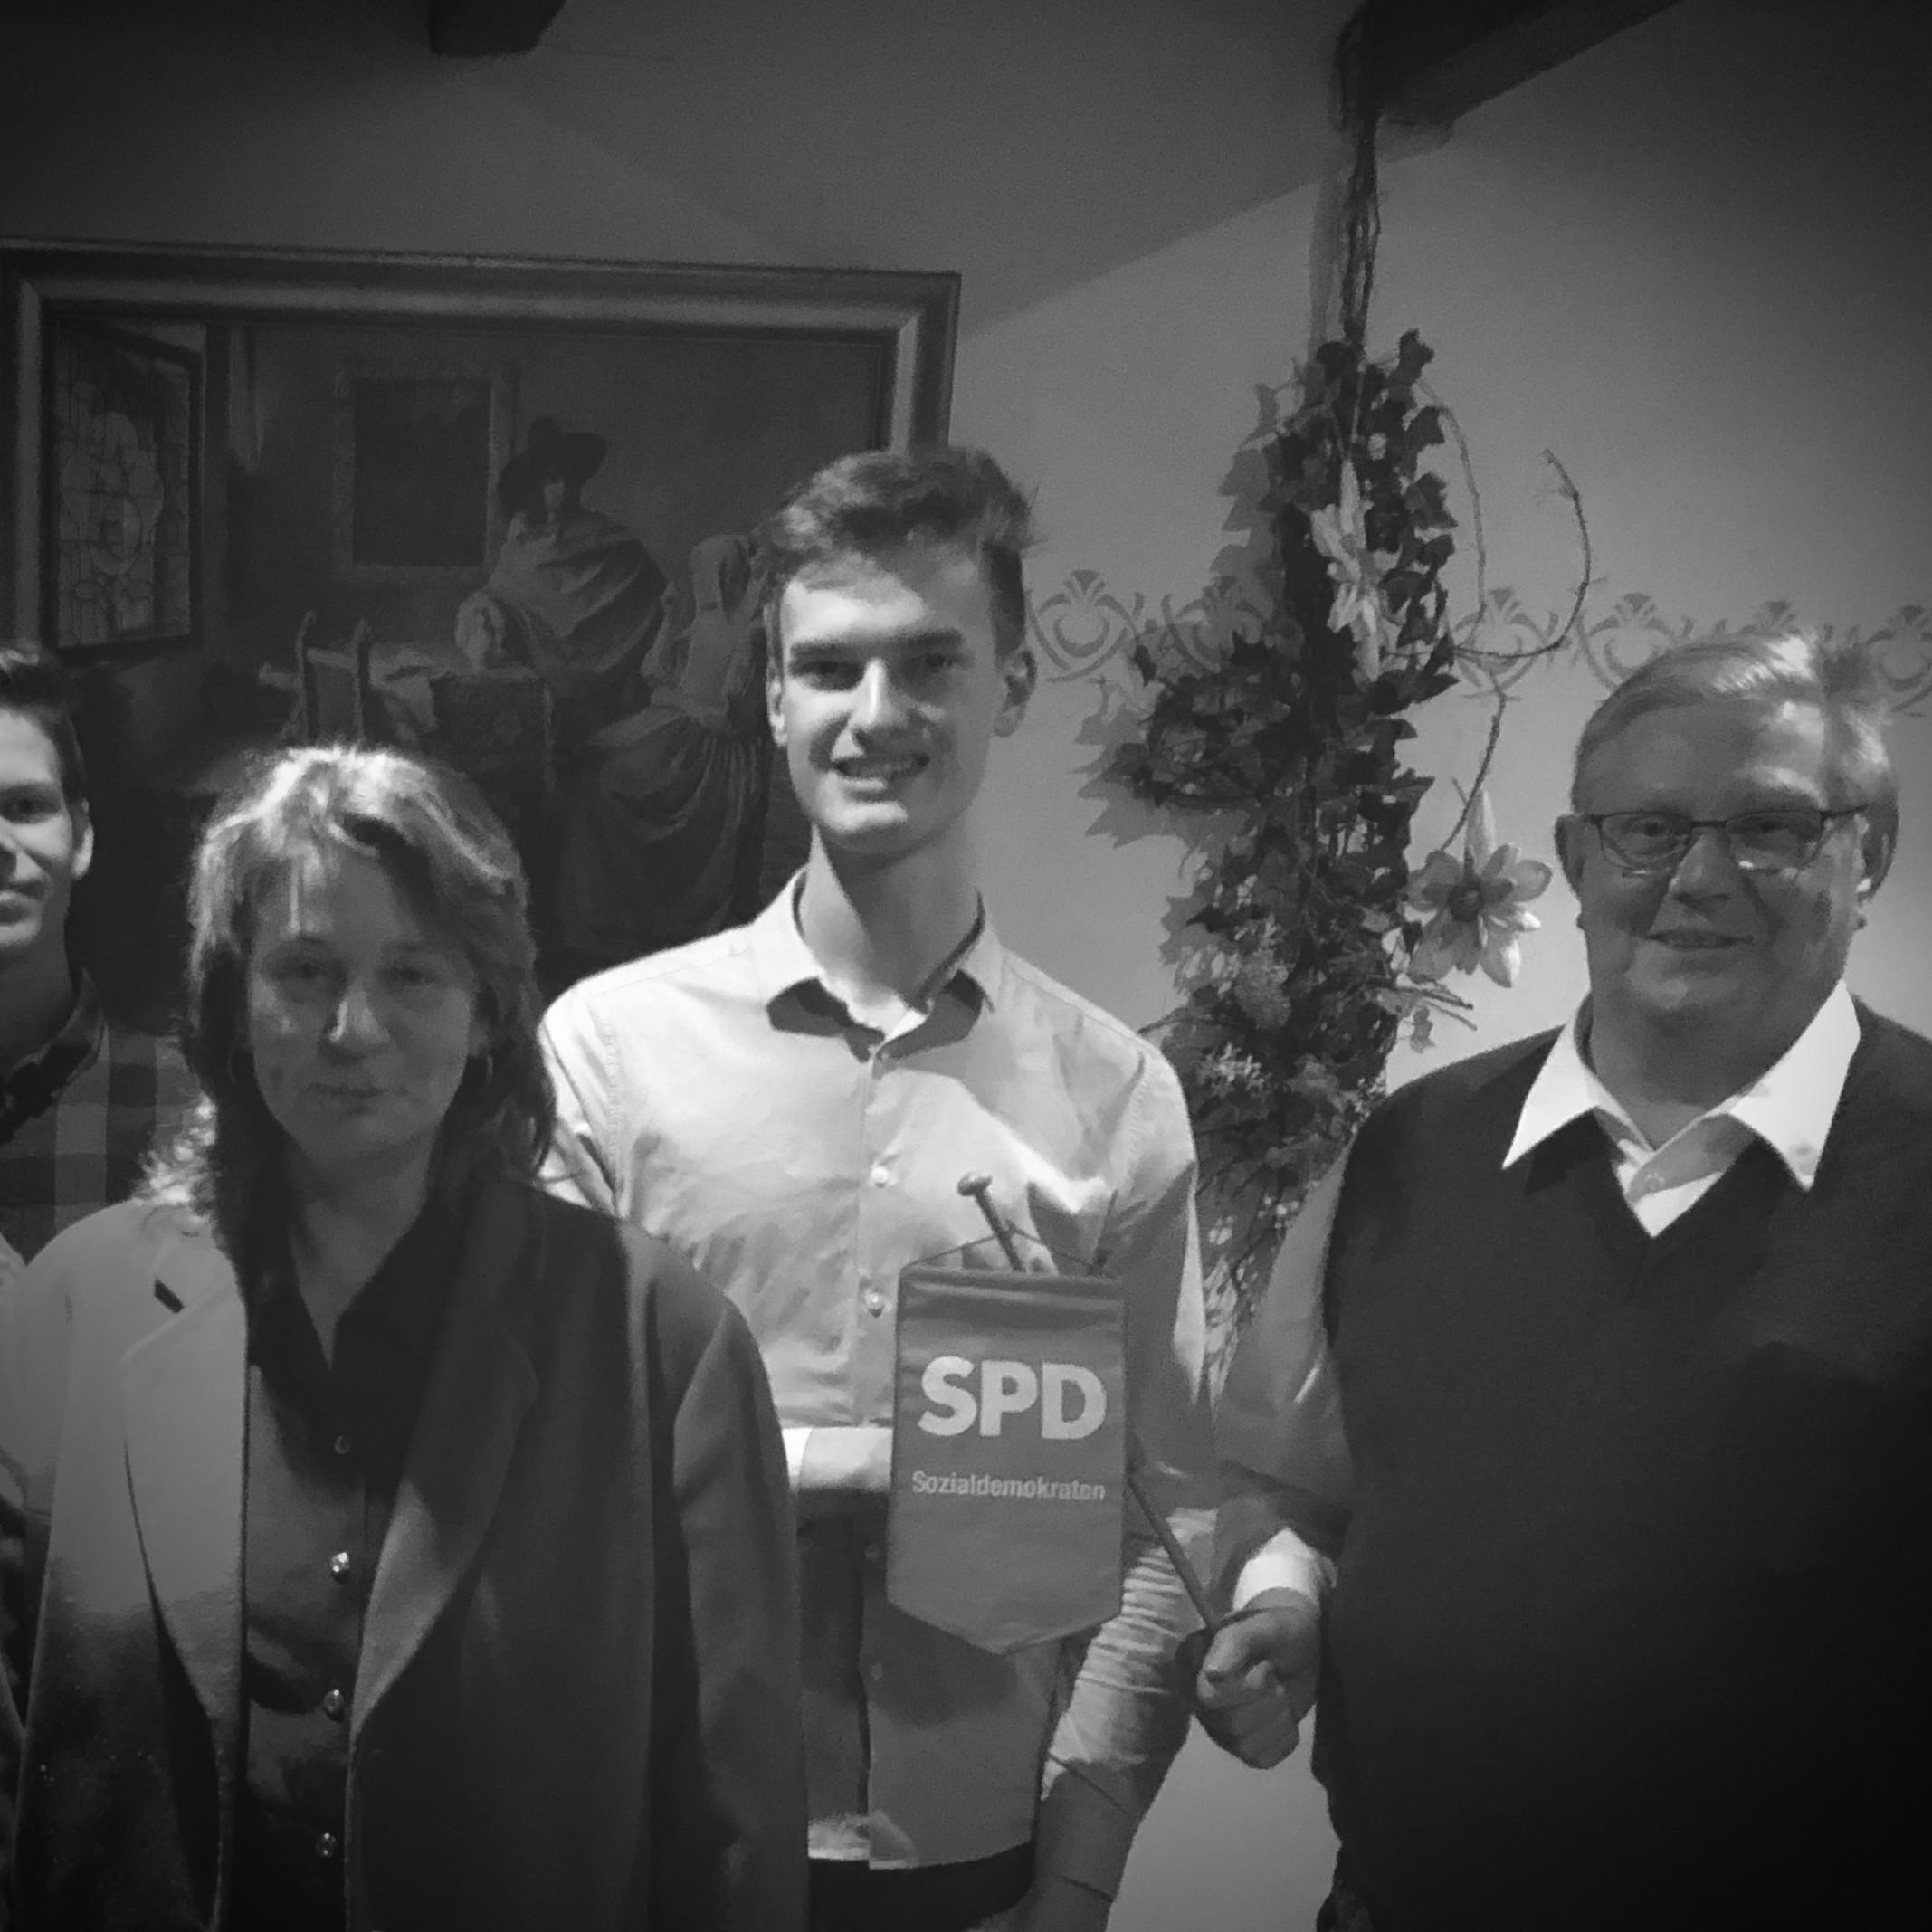 Im Dezember 2017 wurde Marcel Niemann zum Vorsitzenden des SPD Ortsvereins Molbergens gewählt. Theo Bruns hat nach mehr als 30 Jahren nicht wieder kandidiert.